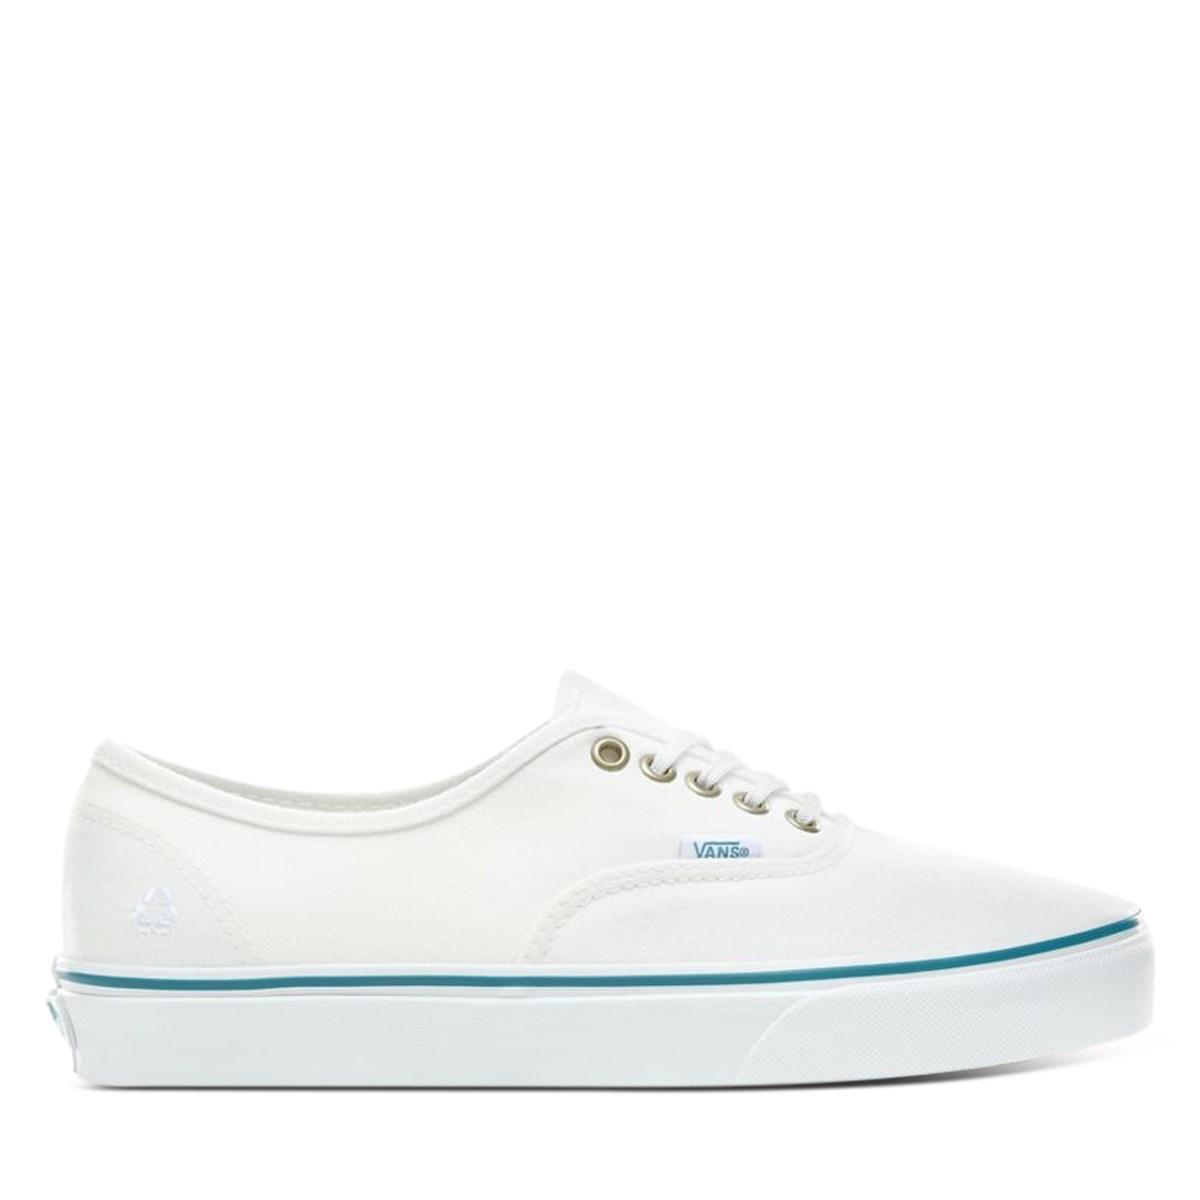 Men's Authentic P.E.T Sneaker in White